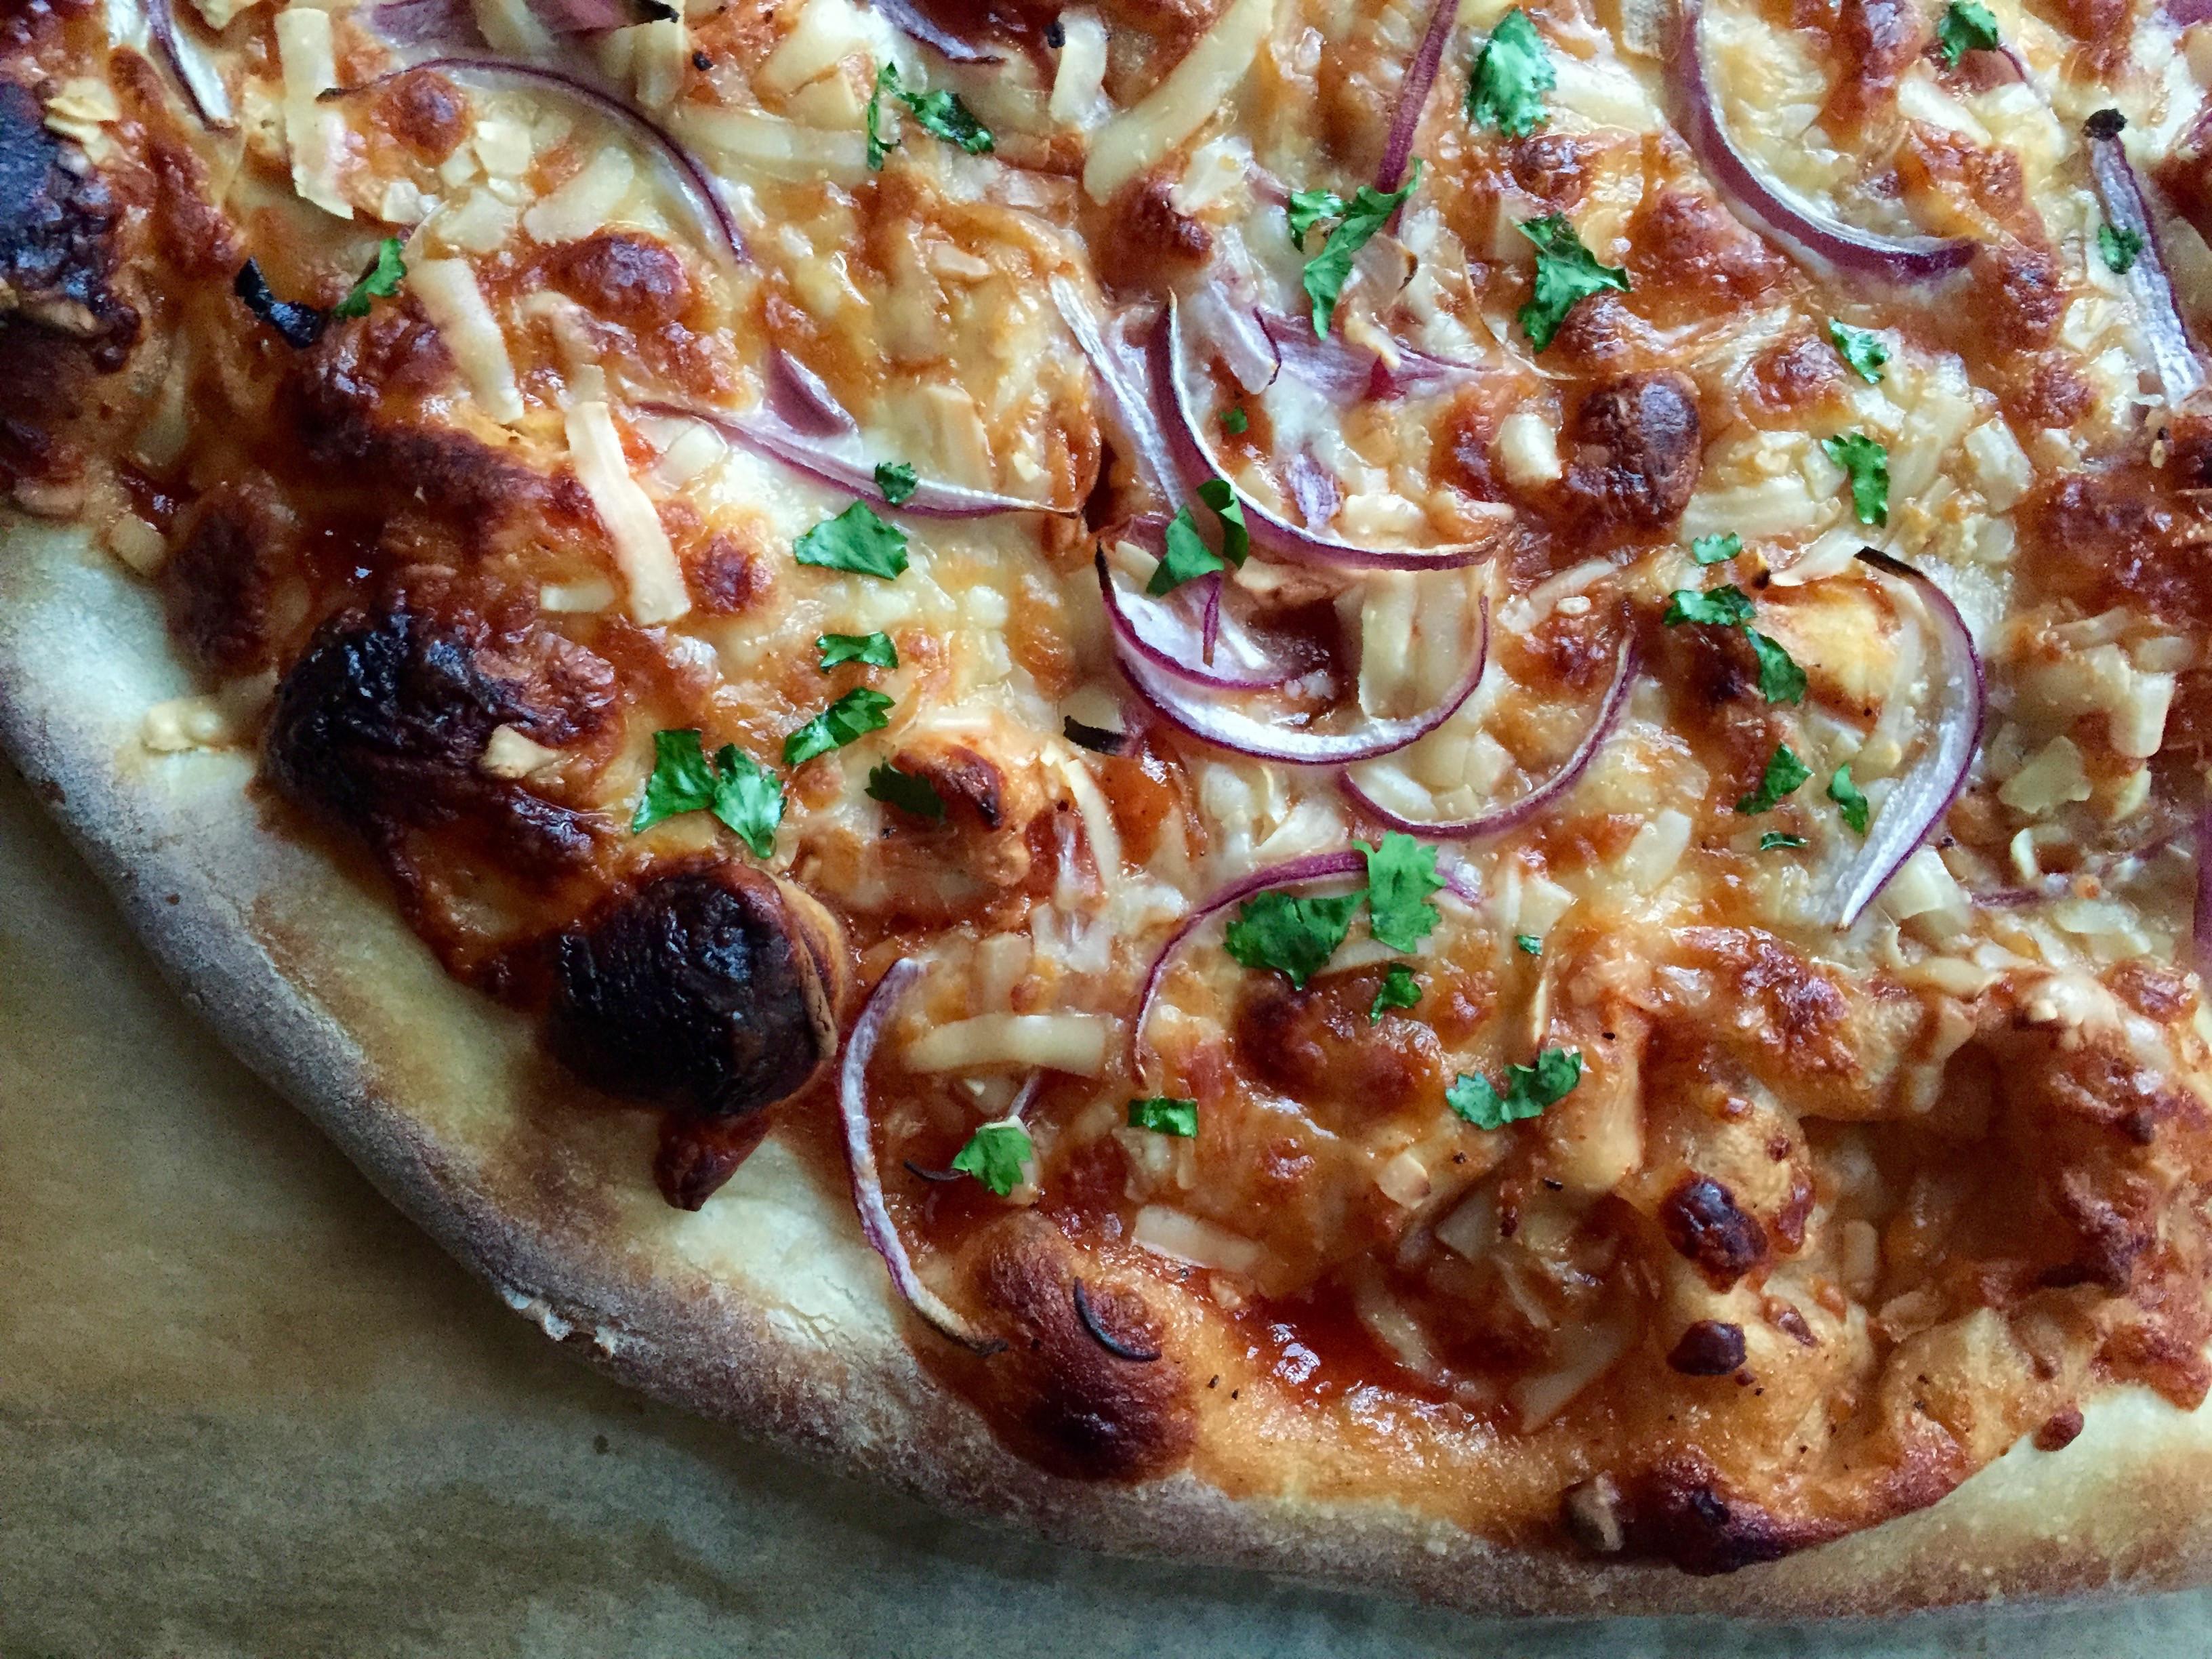 Bbq Chicken Pizza Recipe  California Pizza Kitchen s BBQ Chicken Pizza Copycat